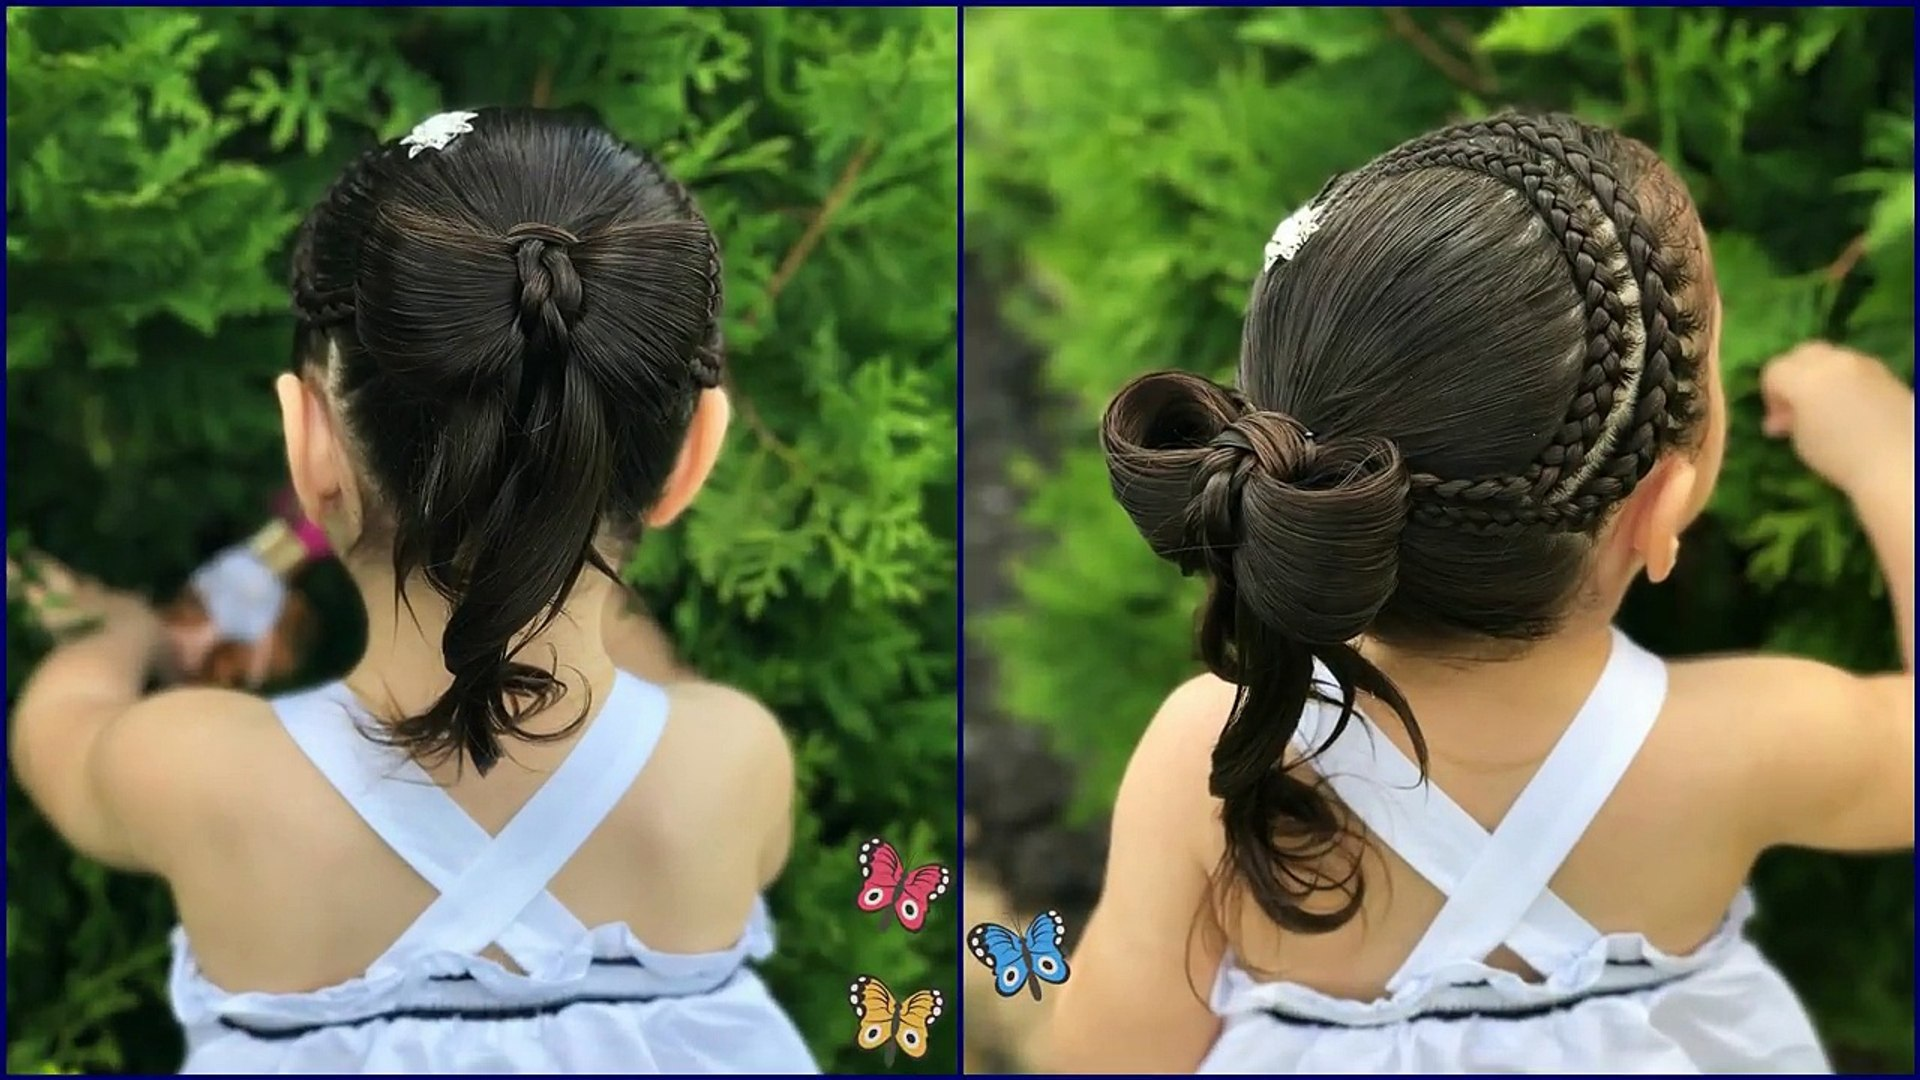 Súper fácil peinados para niña Colección de tendencias de color de pelo - Peinados Para Graduacion De Niñas 12 Años Faciles - Hay Niños